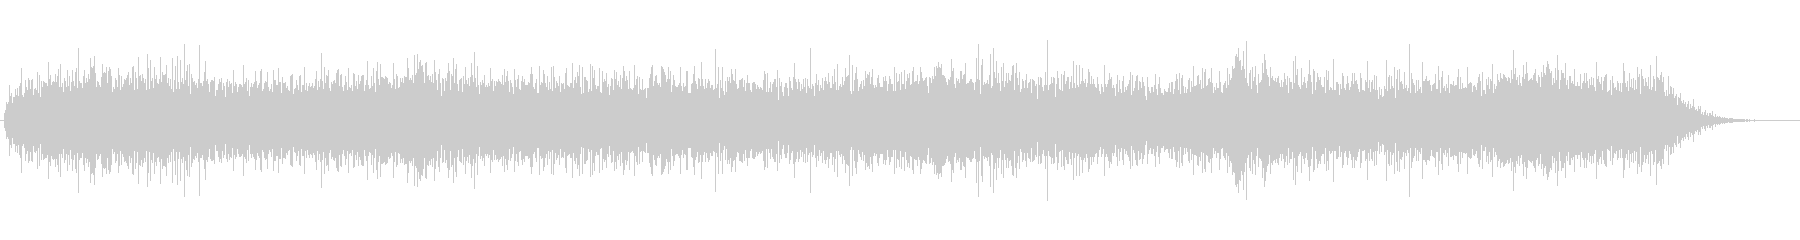 ドローン 低ノイズのリンギング01の未再生の波形